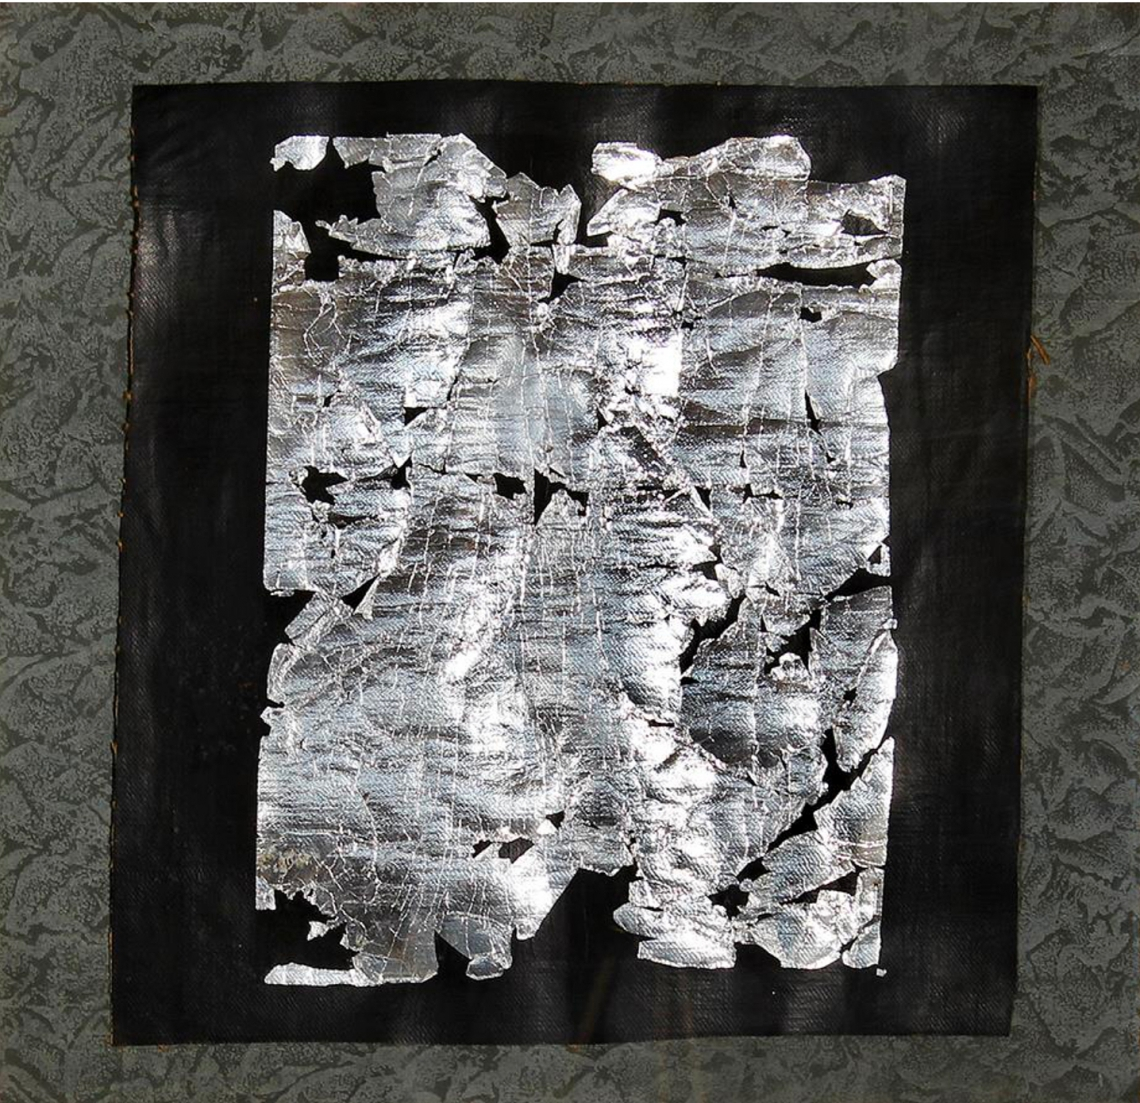 Kenneth Kemble. Sin título, 1982. Técnica mixta. 23 x 44 cm.